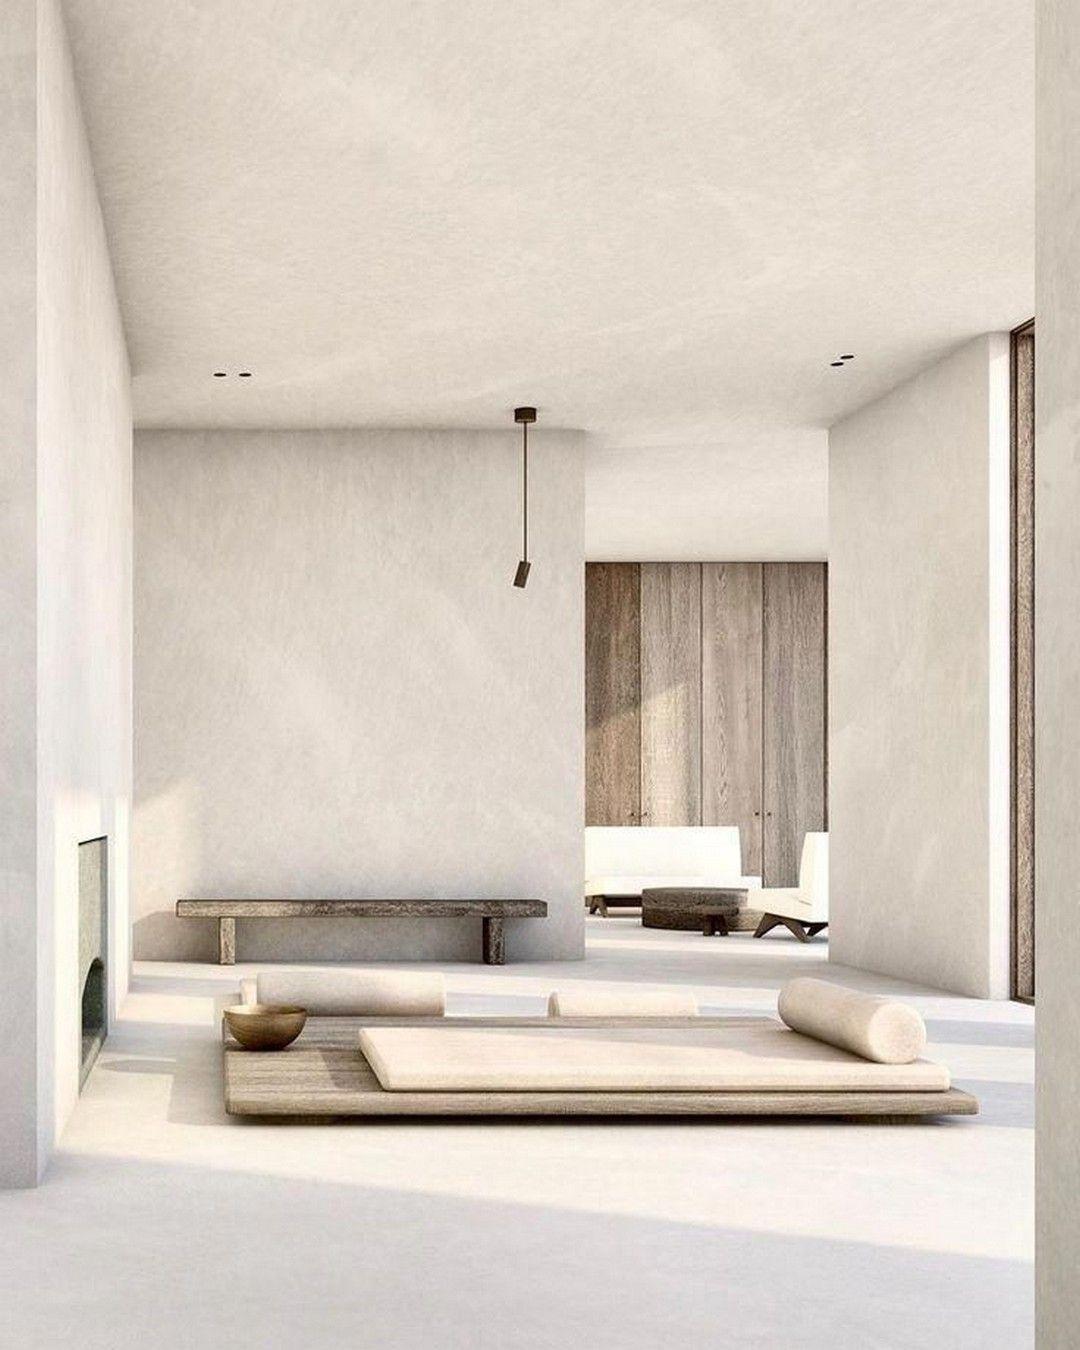 Minimalist Interior Design Zen Minimalist Interior Design Minimalism Interior Home Interior Design